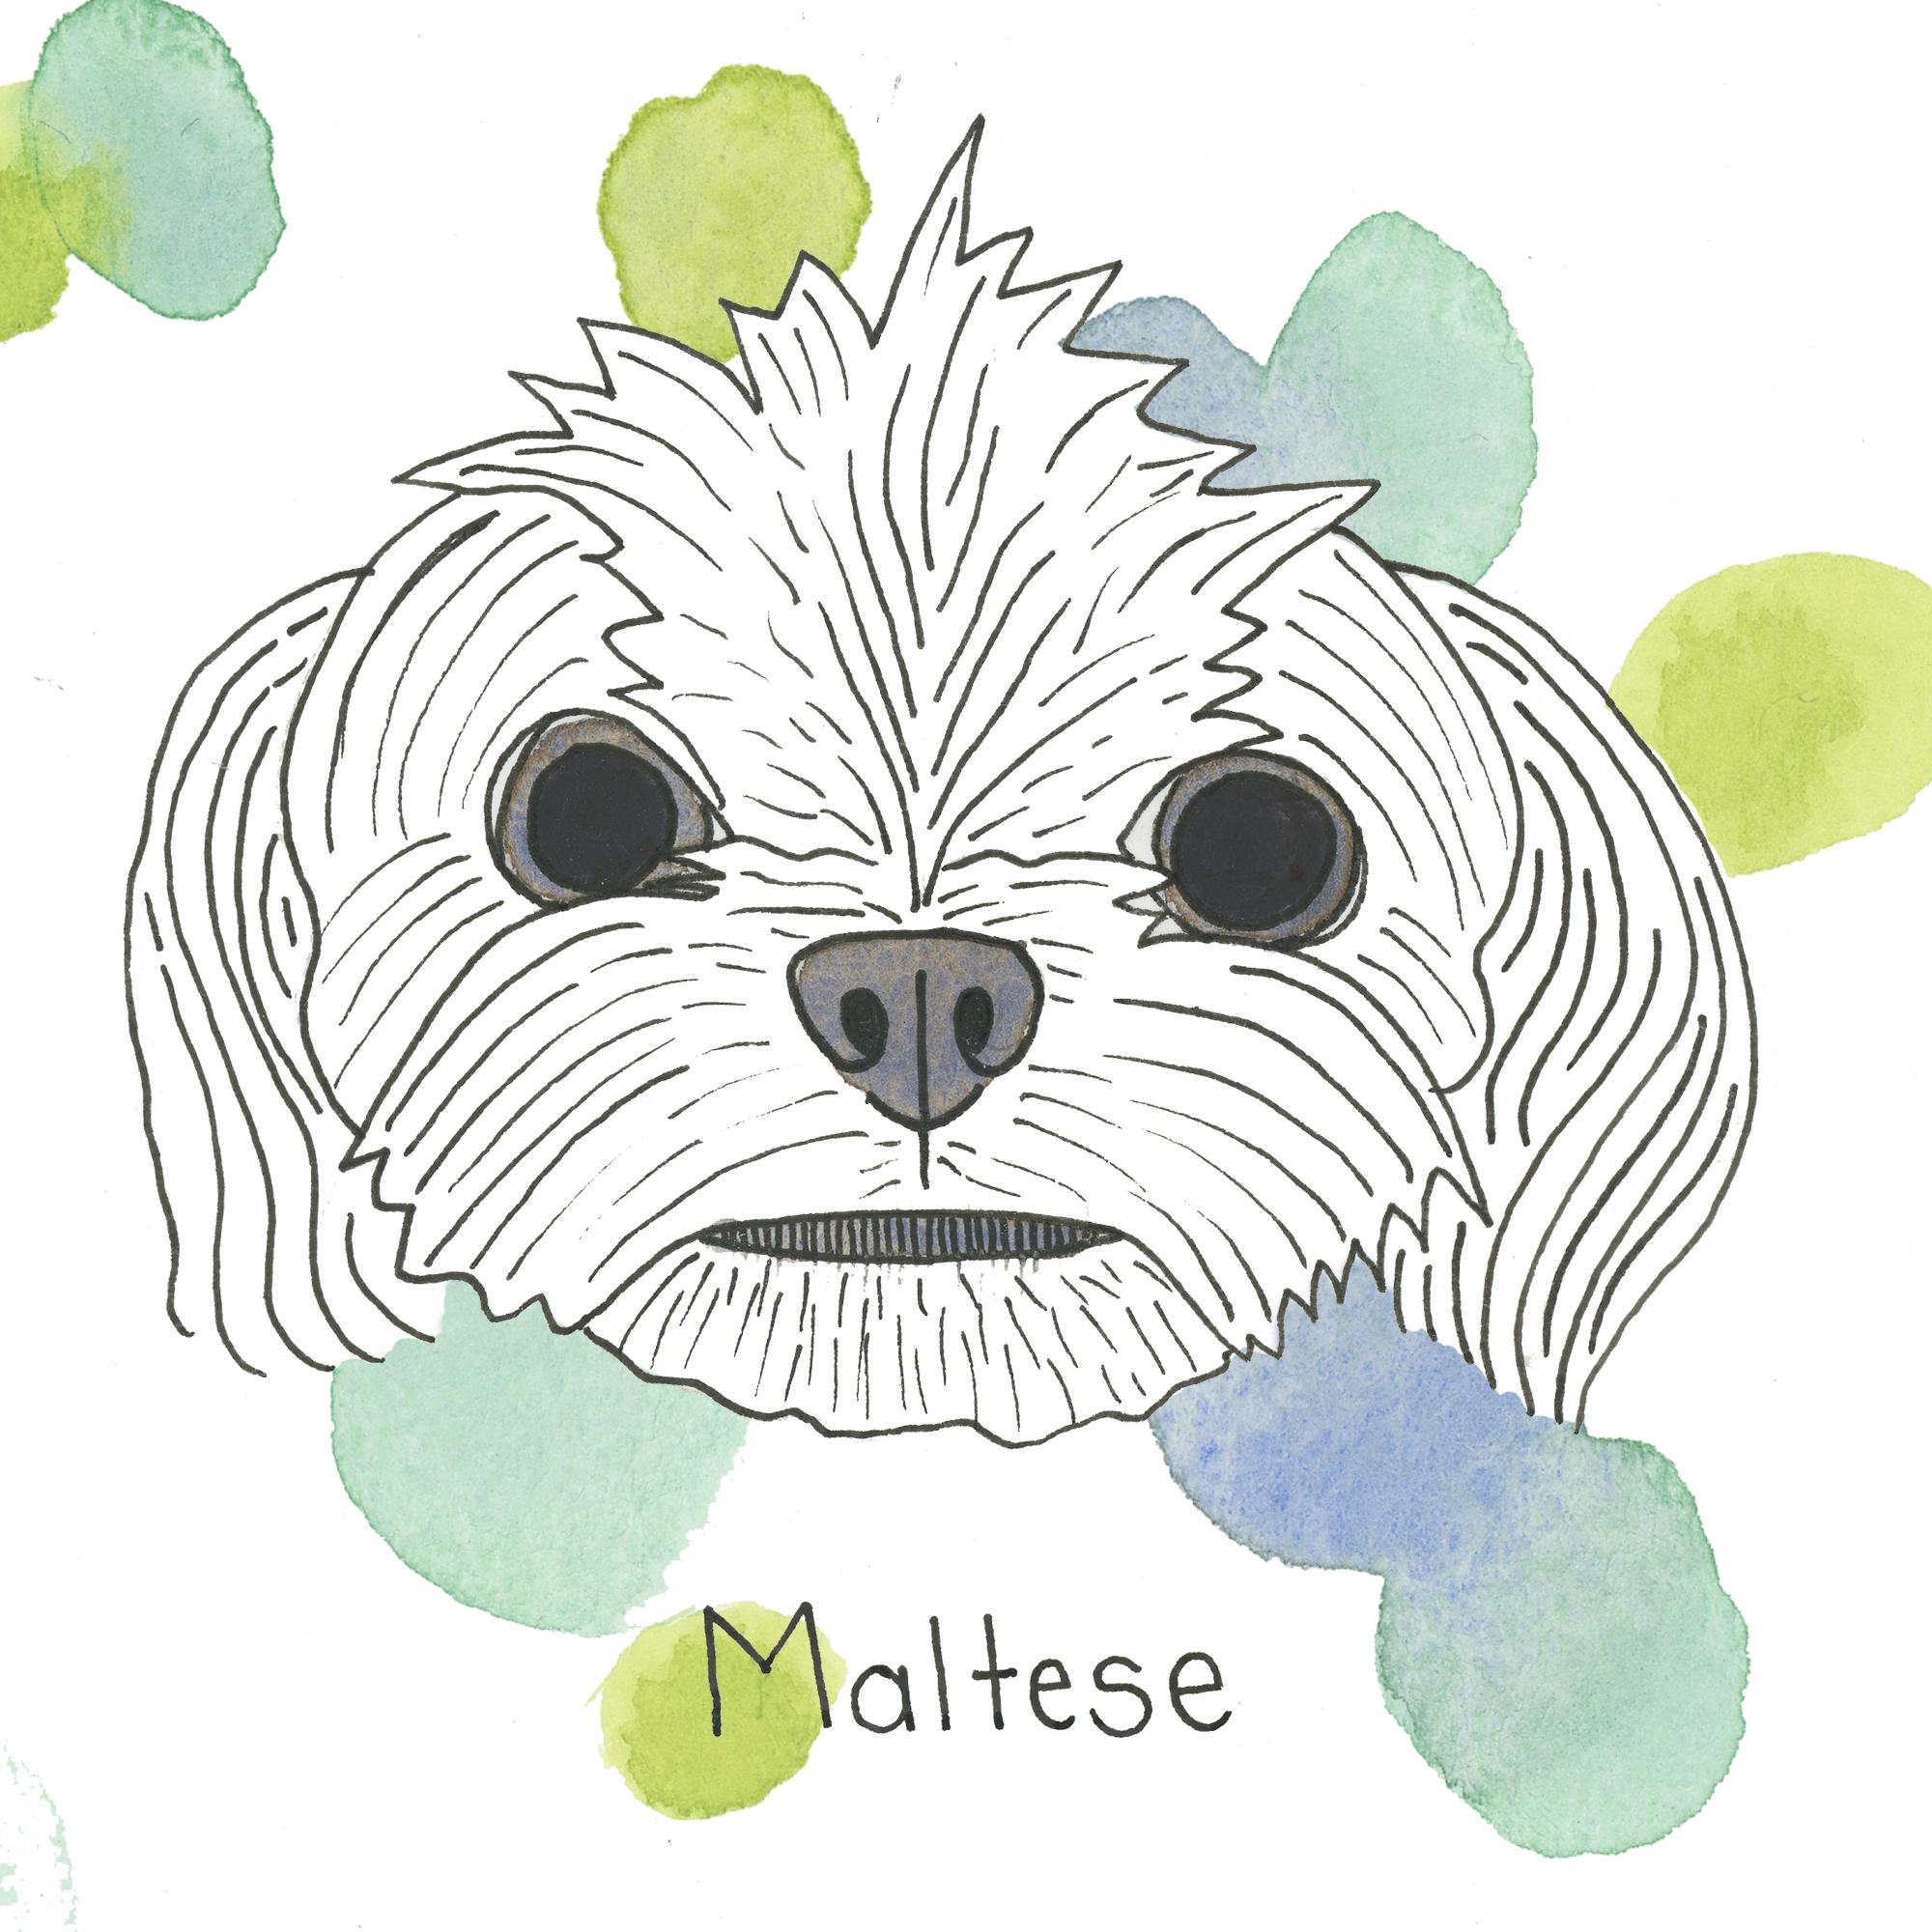 Maltese.jpg